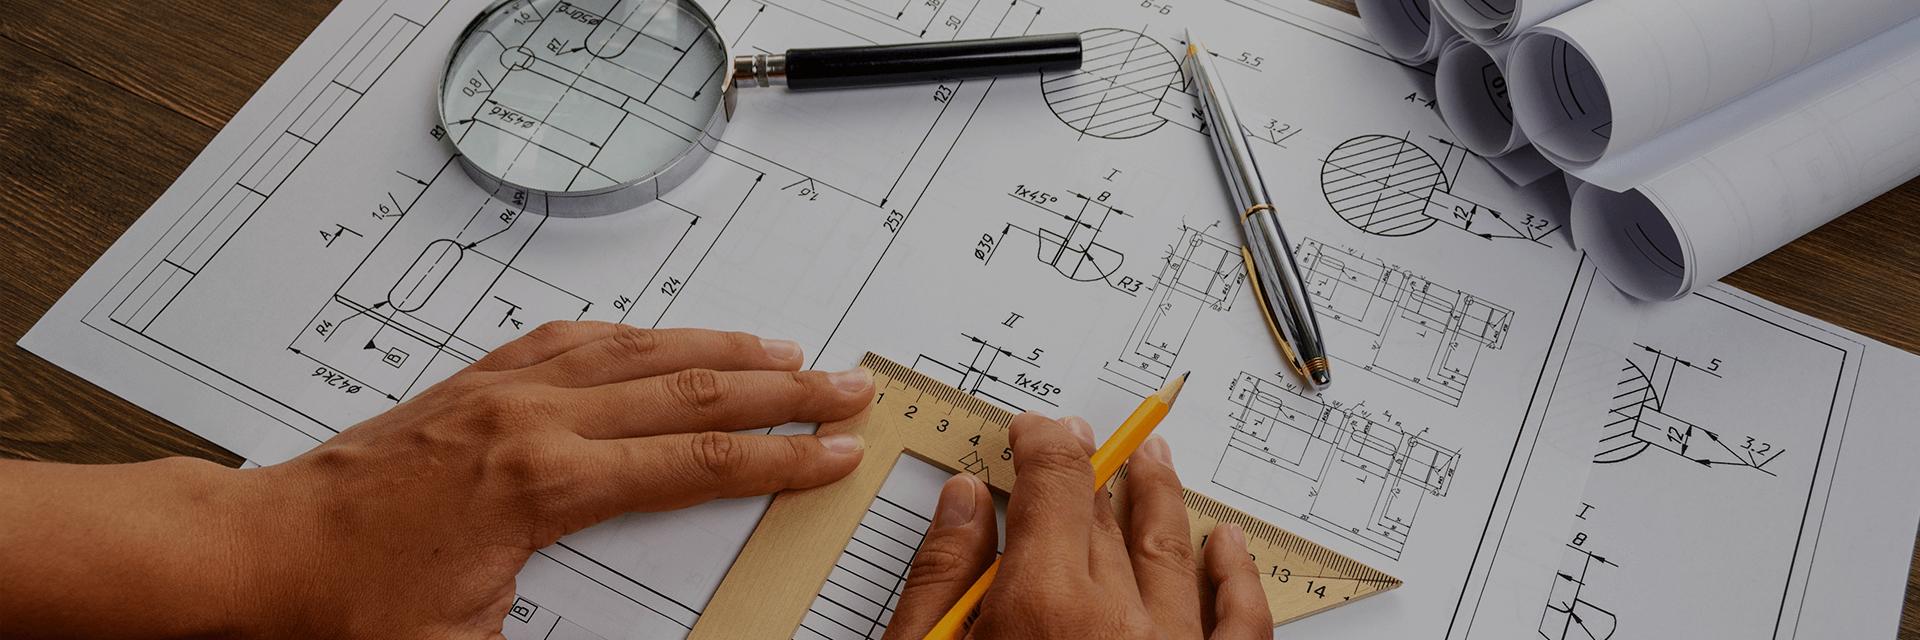 建築家との打ち合わせを重ねてあなたのためのプランを決定する